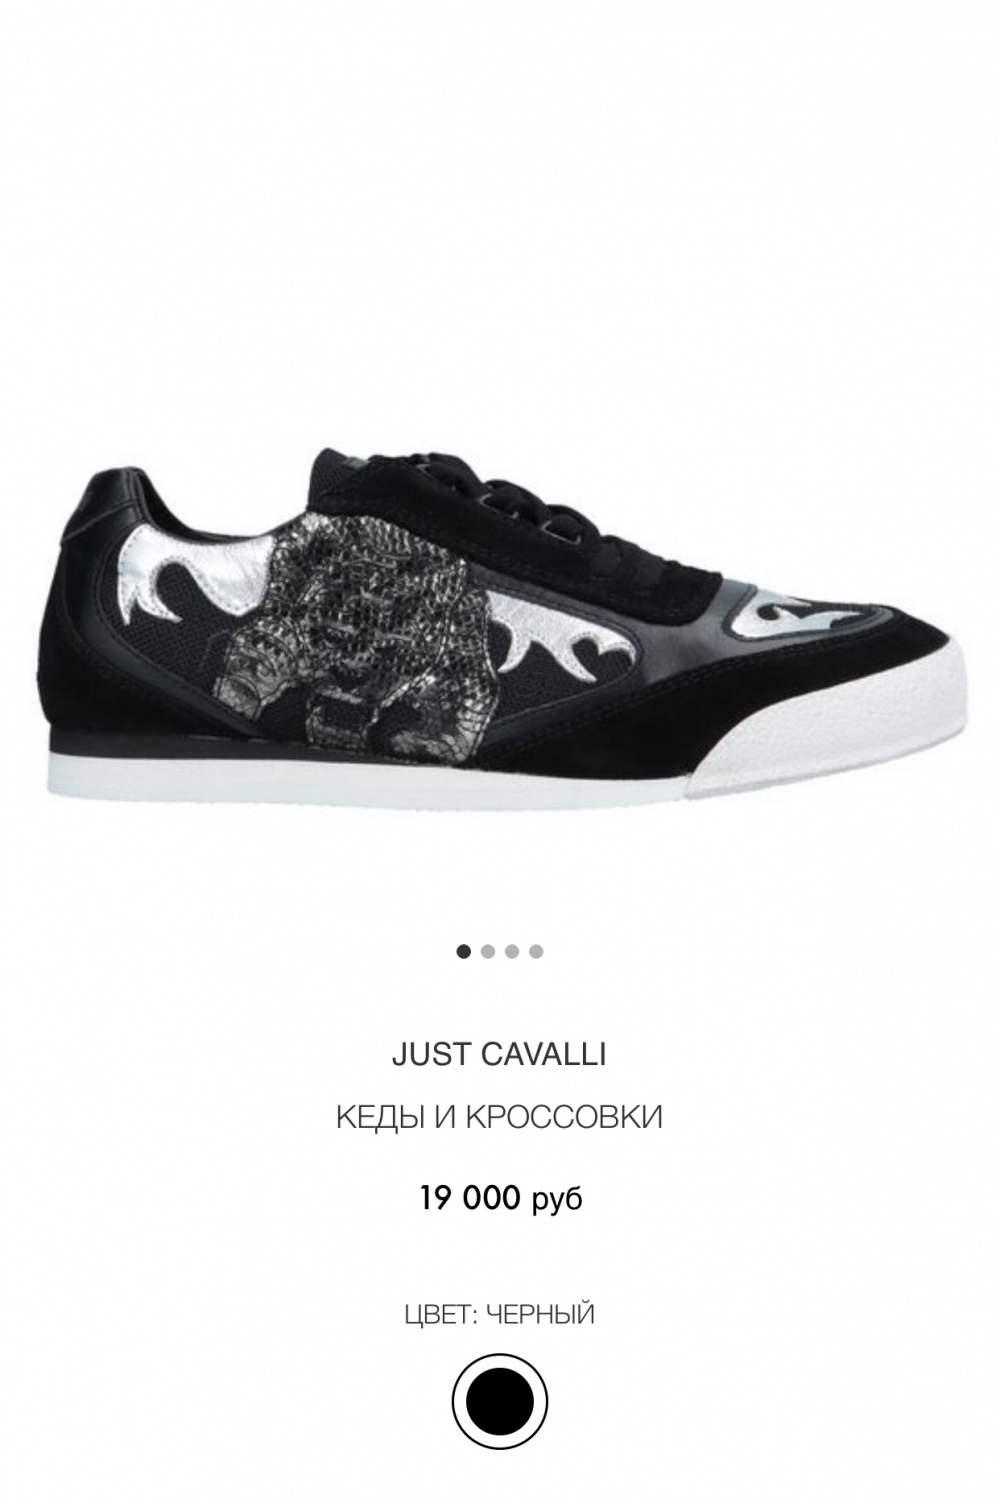 Мужские кроссовки Just Cavalli размер 42